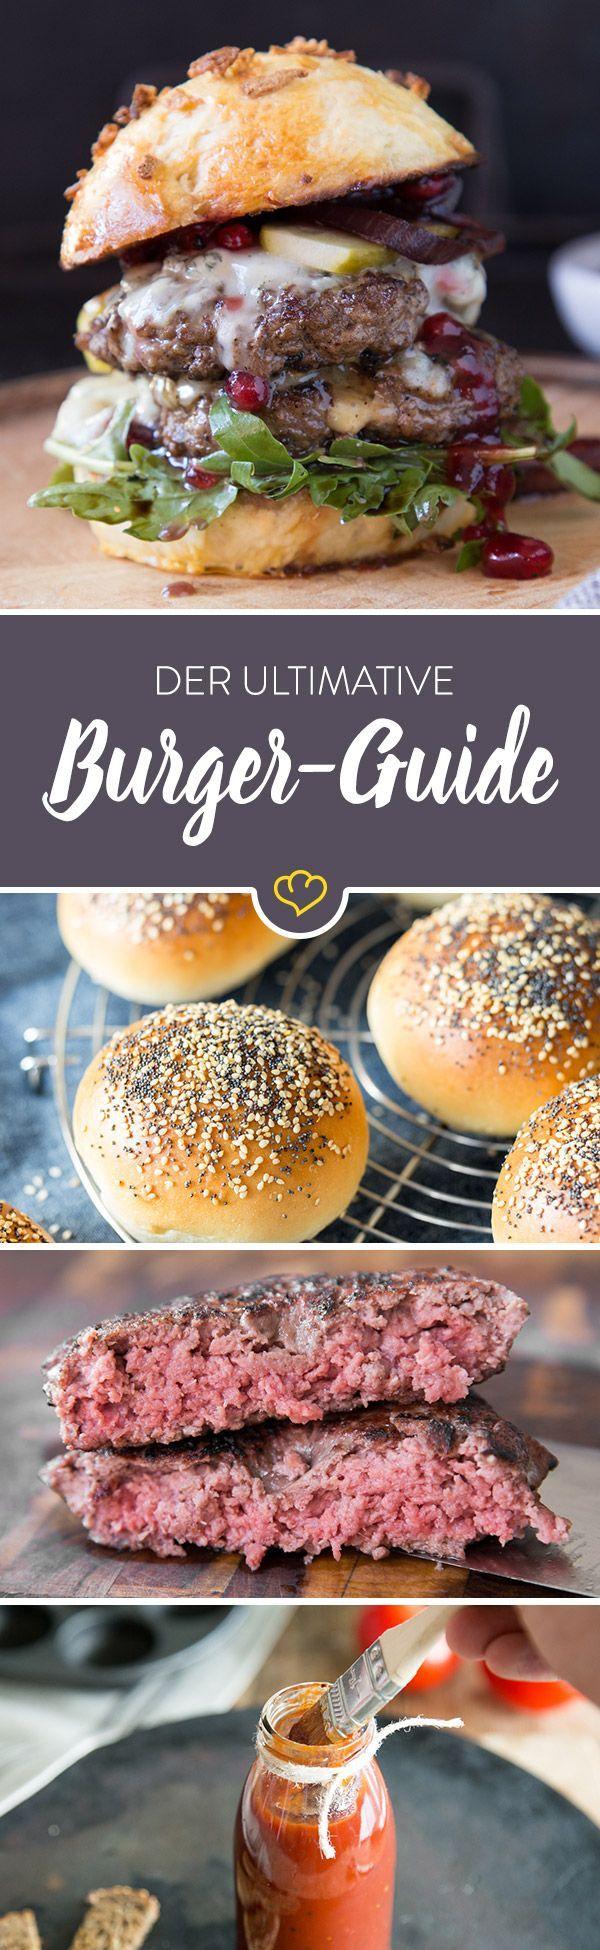 Burger selber machen: vom Bun über den Belag bis zum Patty